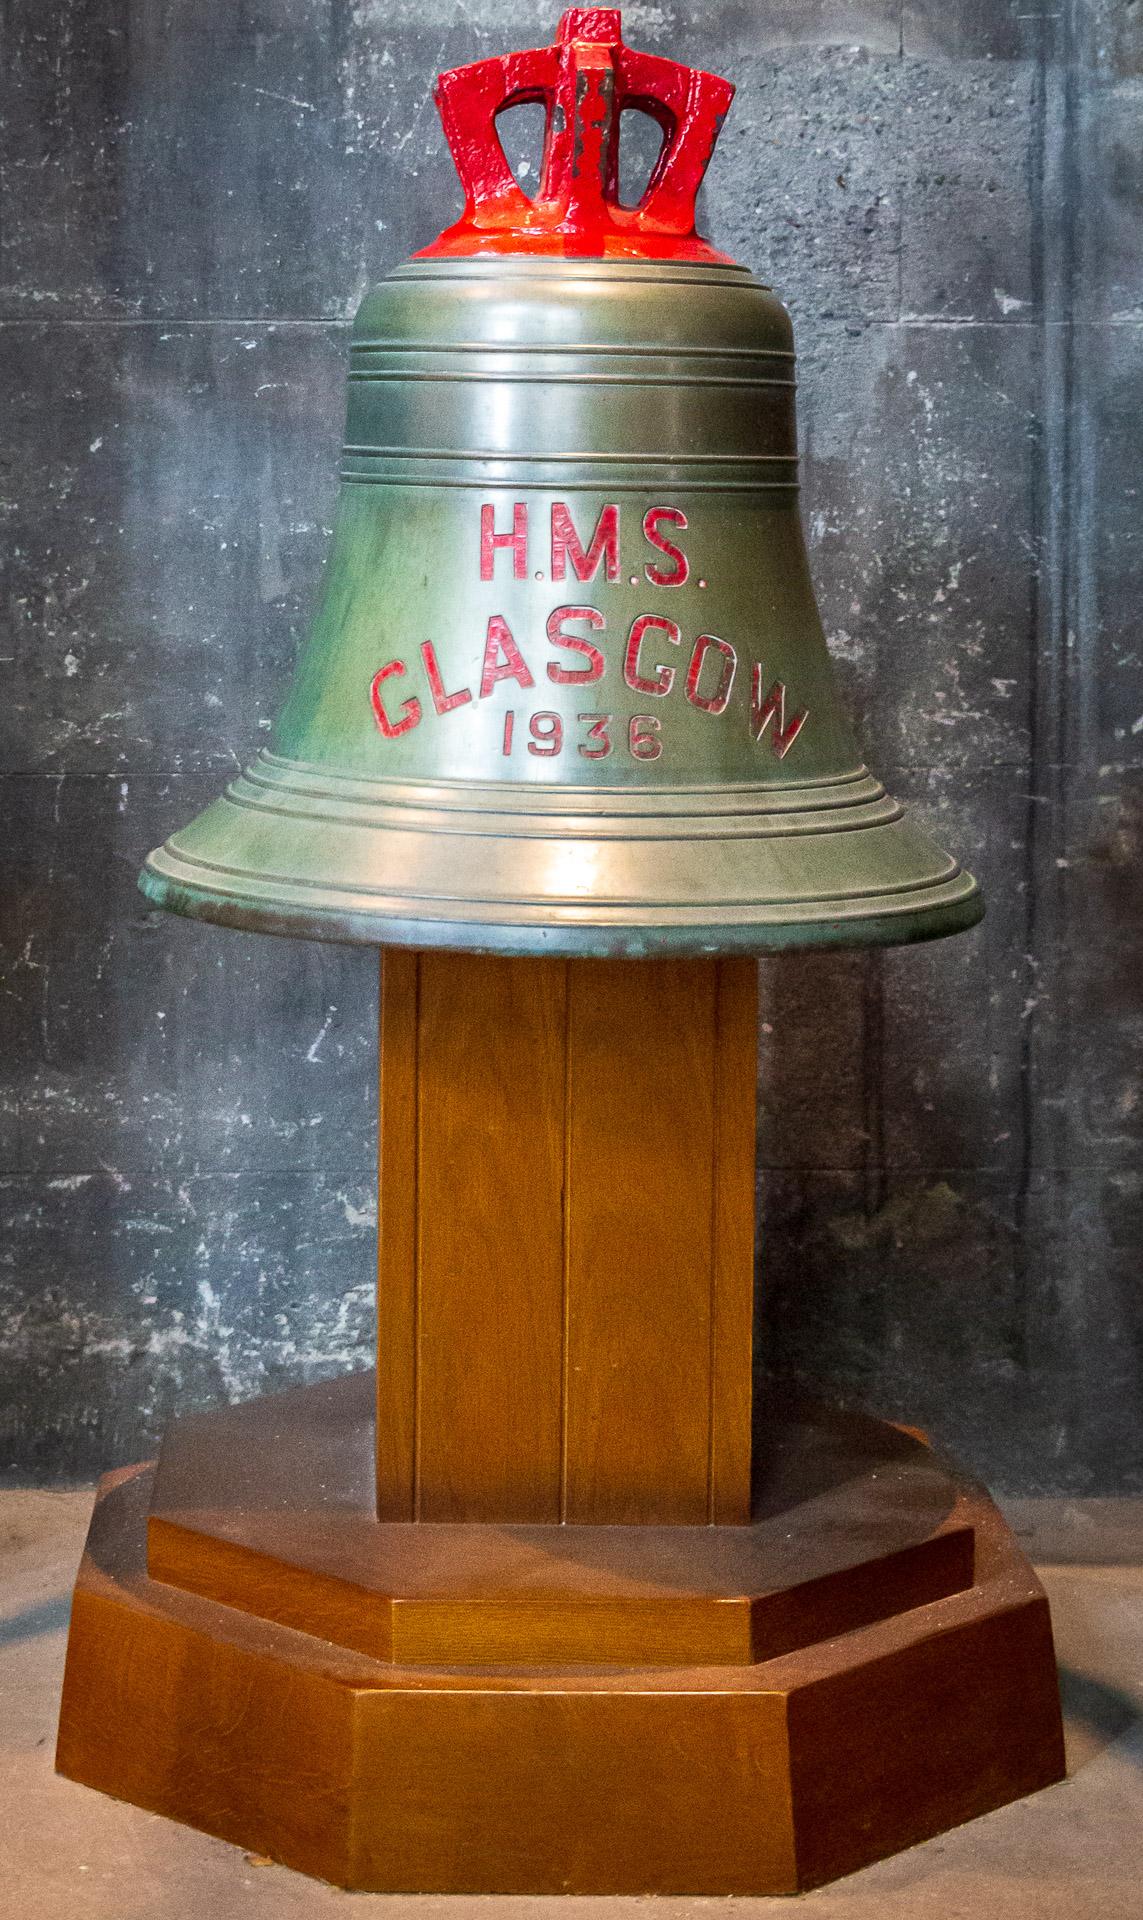 Glocke der HMS Glasgow